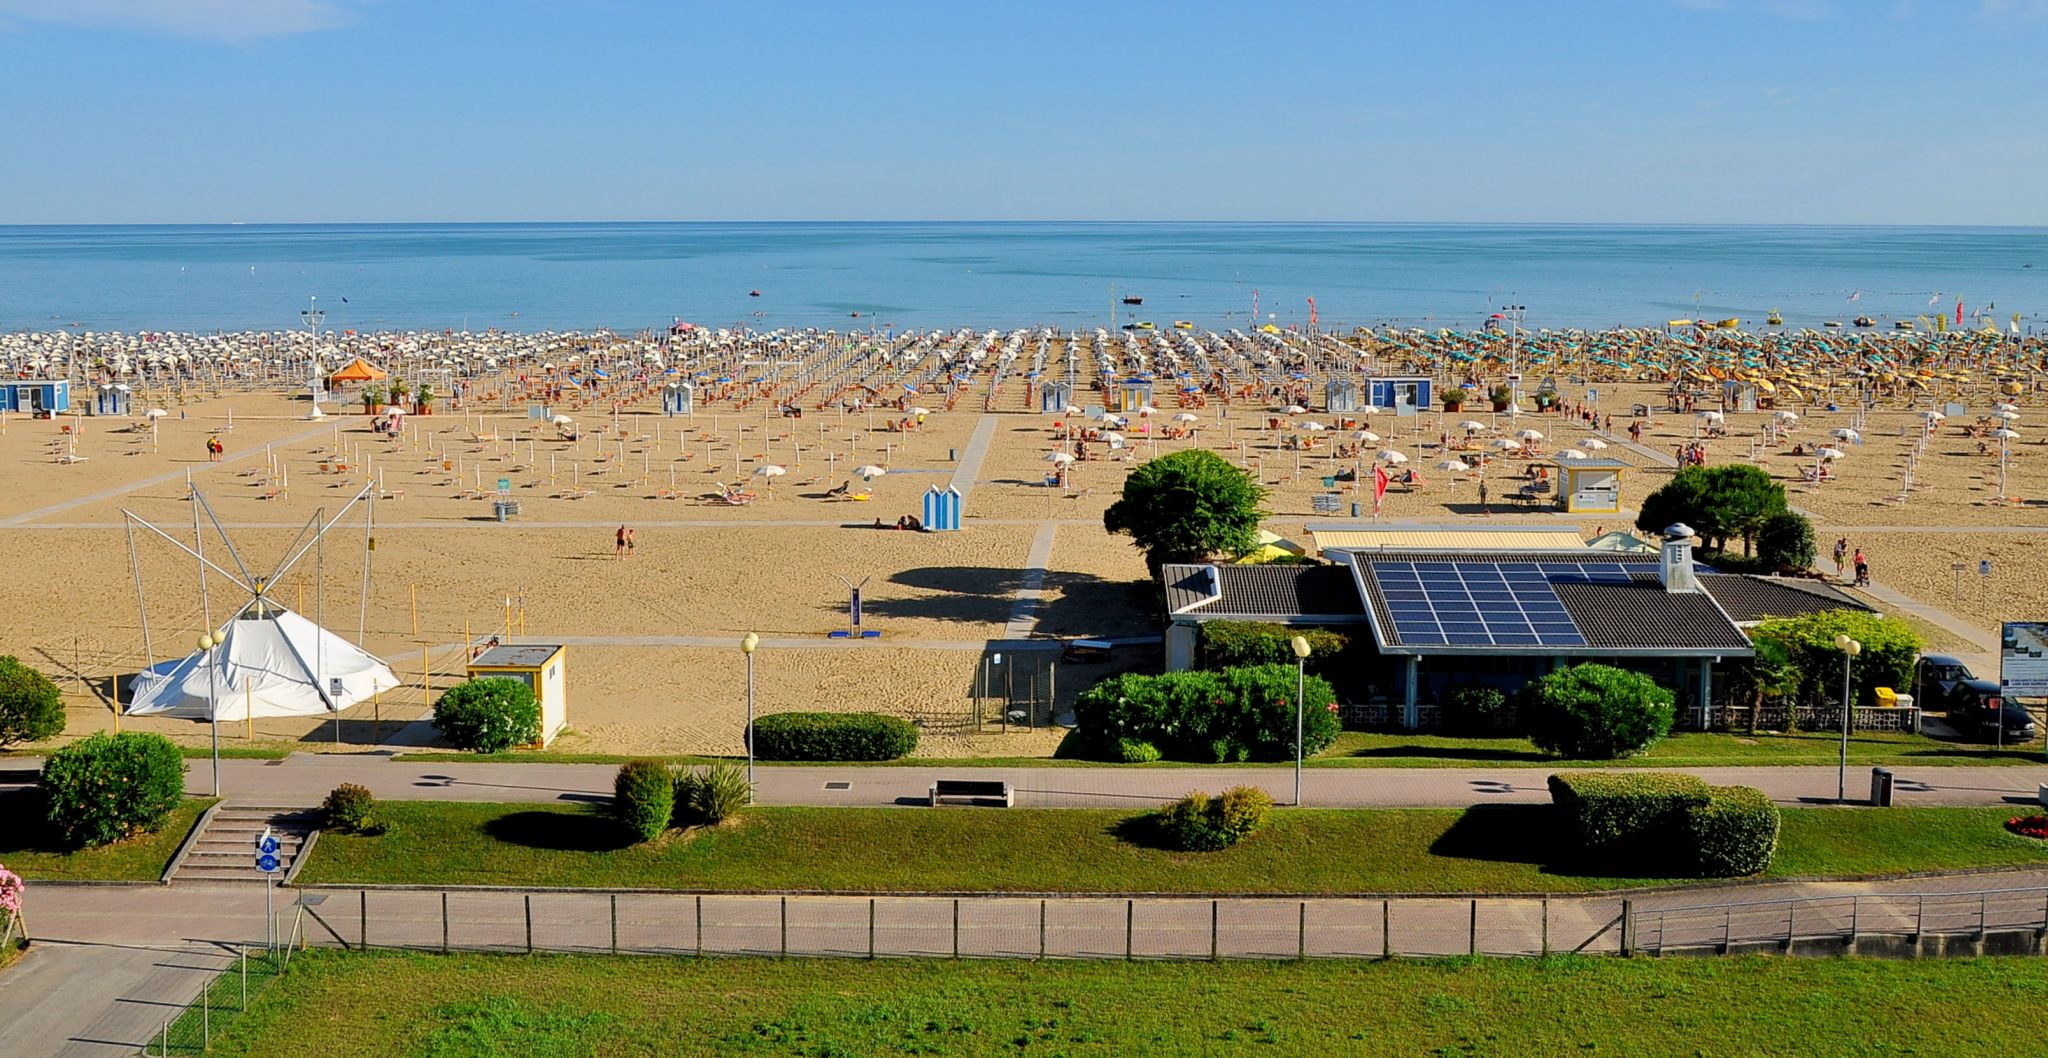 Ferienwohnung Residenz Pineda - Wohnung Tipo B1 AGMC (2989) (2807105), Bibione, Adriaküste (Venetien), Venetien, Italien, Bild 22